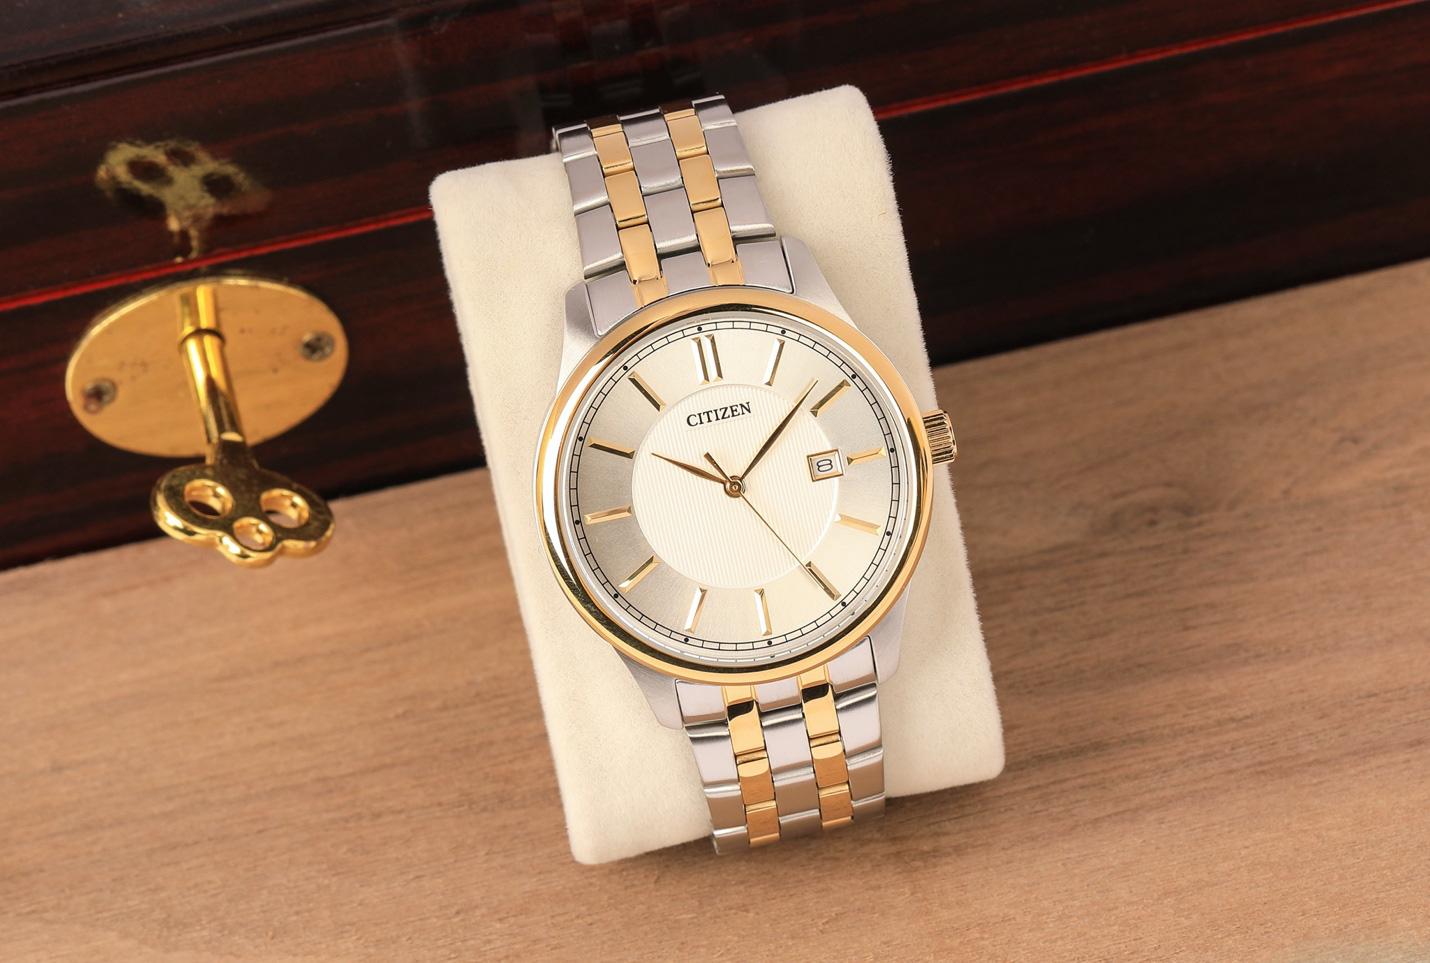 Khuyến mãi lớn chưa từng có mừng sinh nhật Đăng Quang Watch, giảm ngay 40% đồng hồ chính hãng - Ảnh 5.